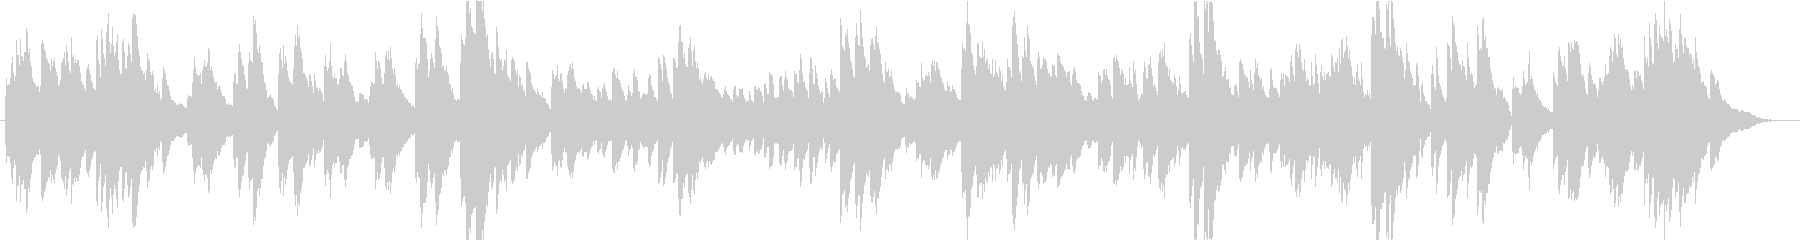 メンデルスゾーン「朝の歌」の未再生の波形